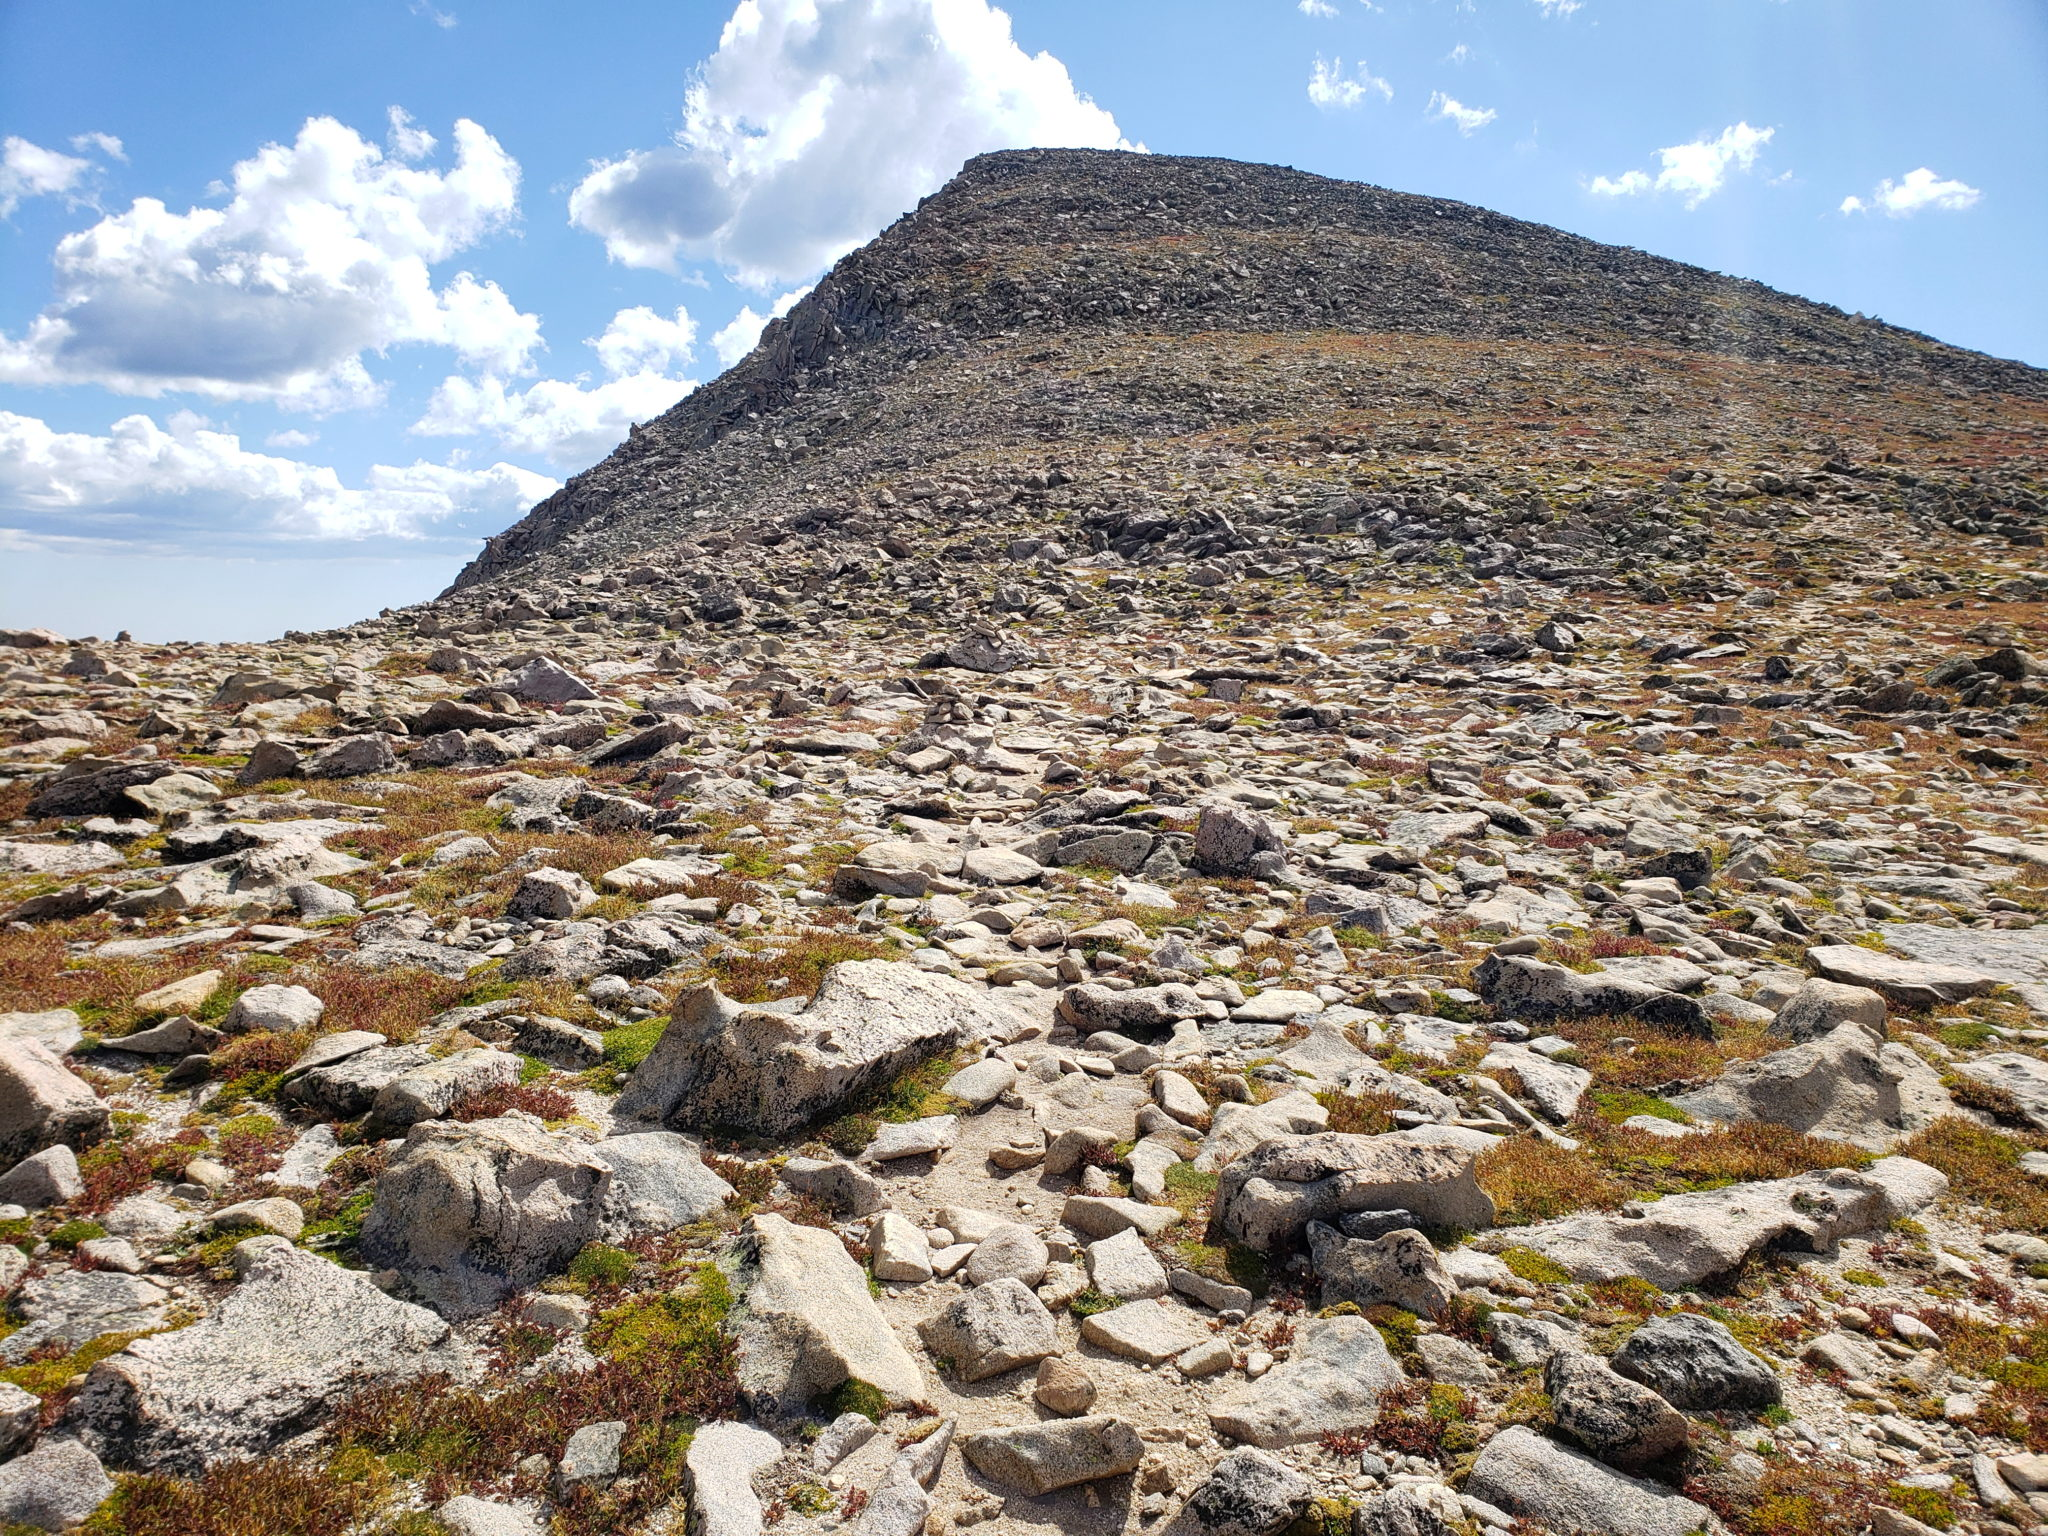 Hallett Peak summit (12,713